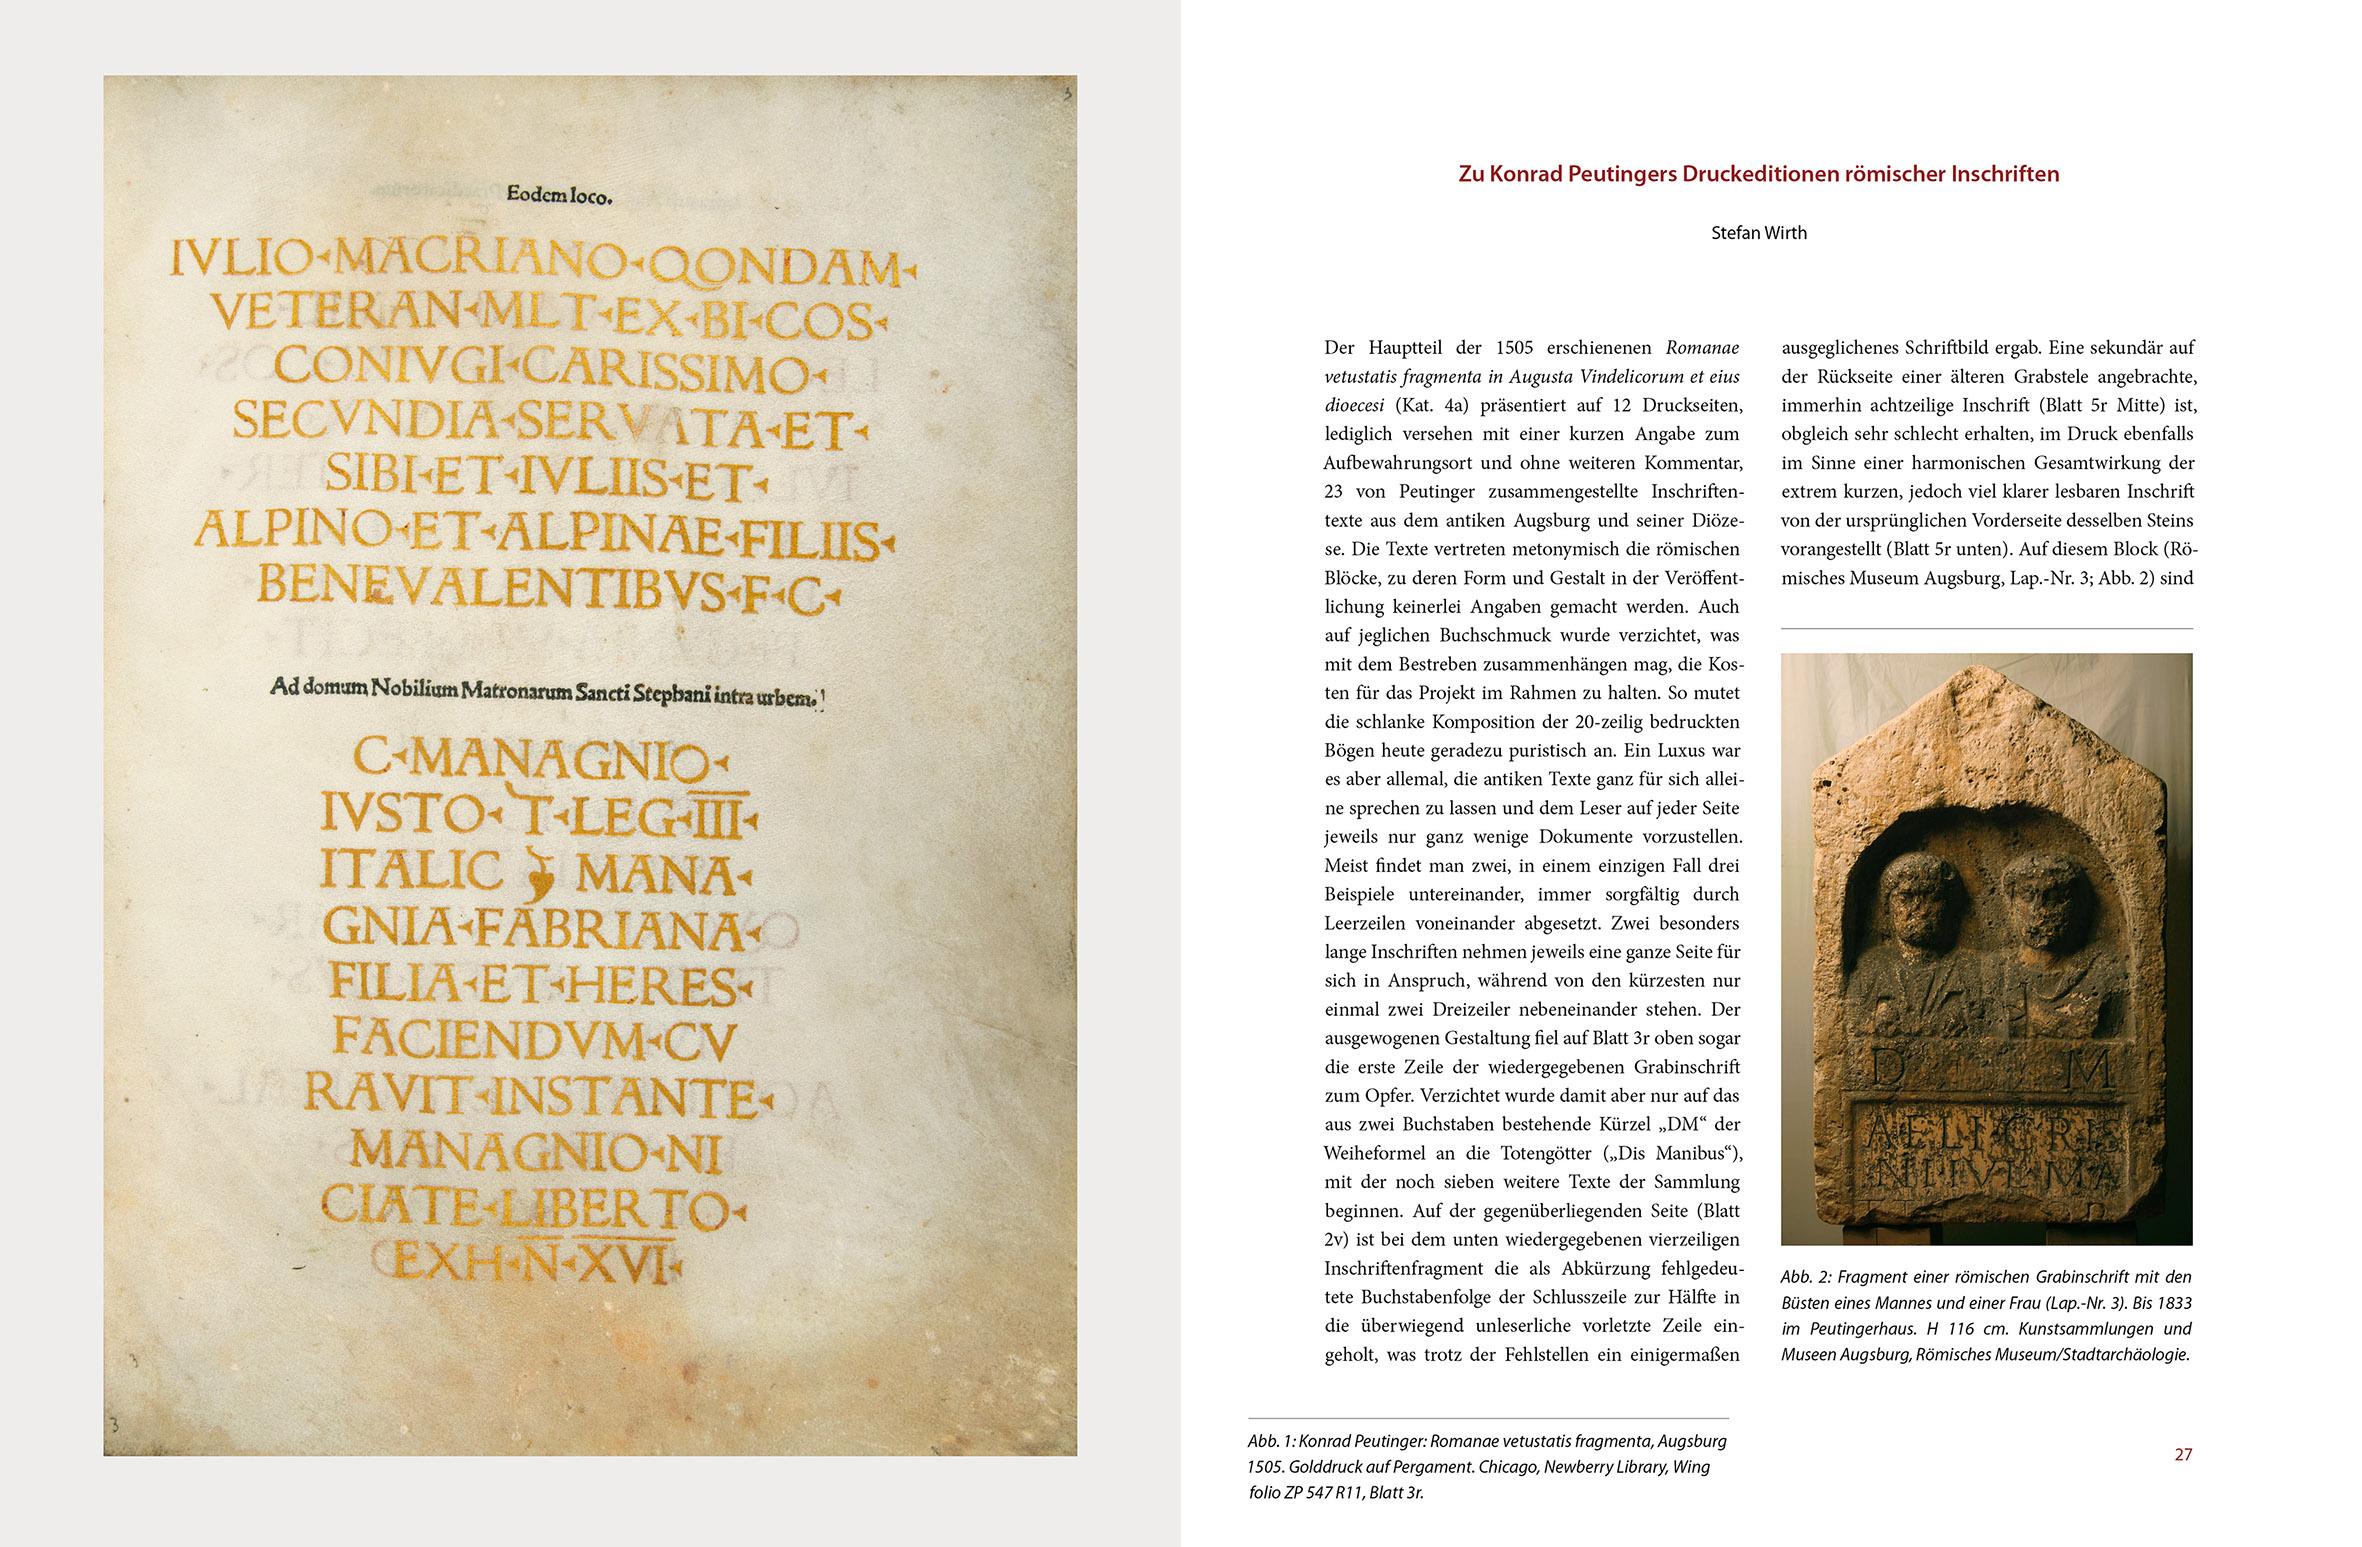 """Katalogband """"Gesammeltes Gedächtnis"""", p. 26-27"""